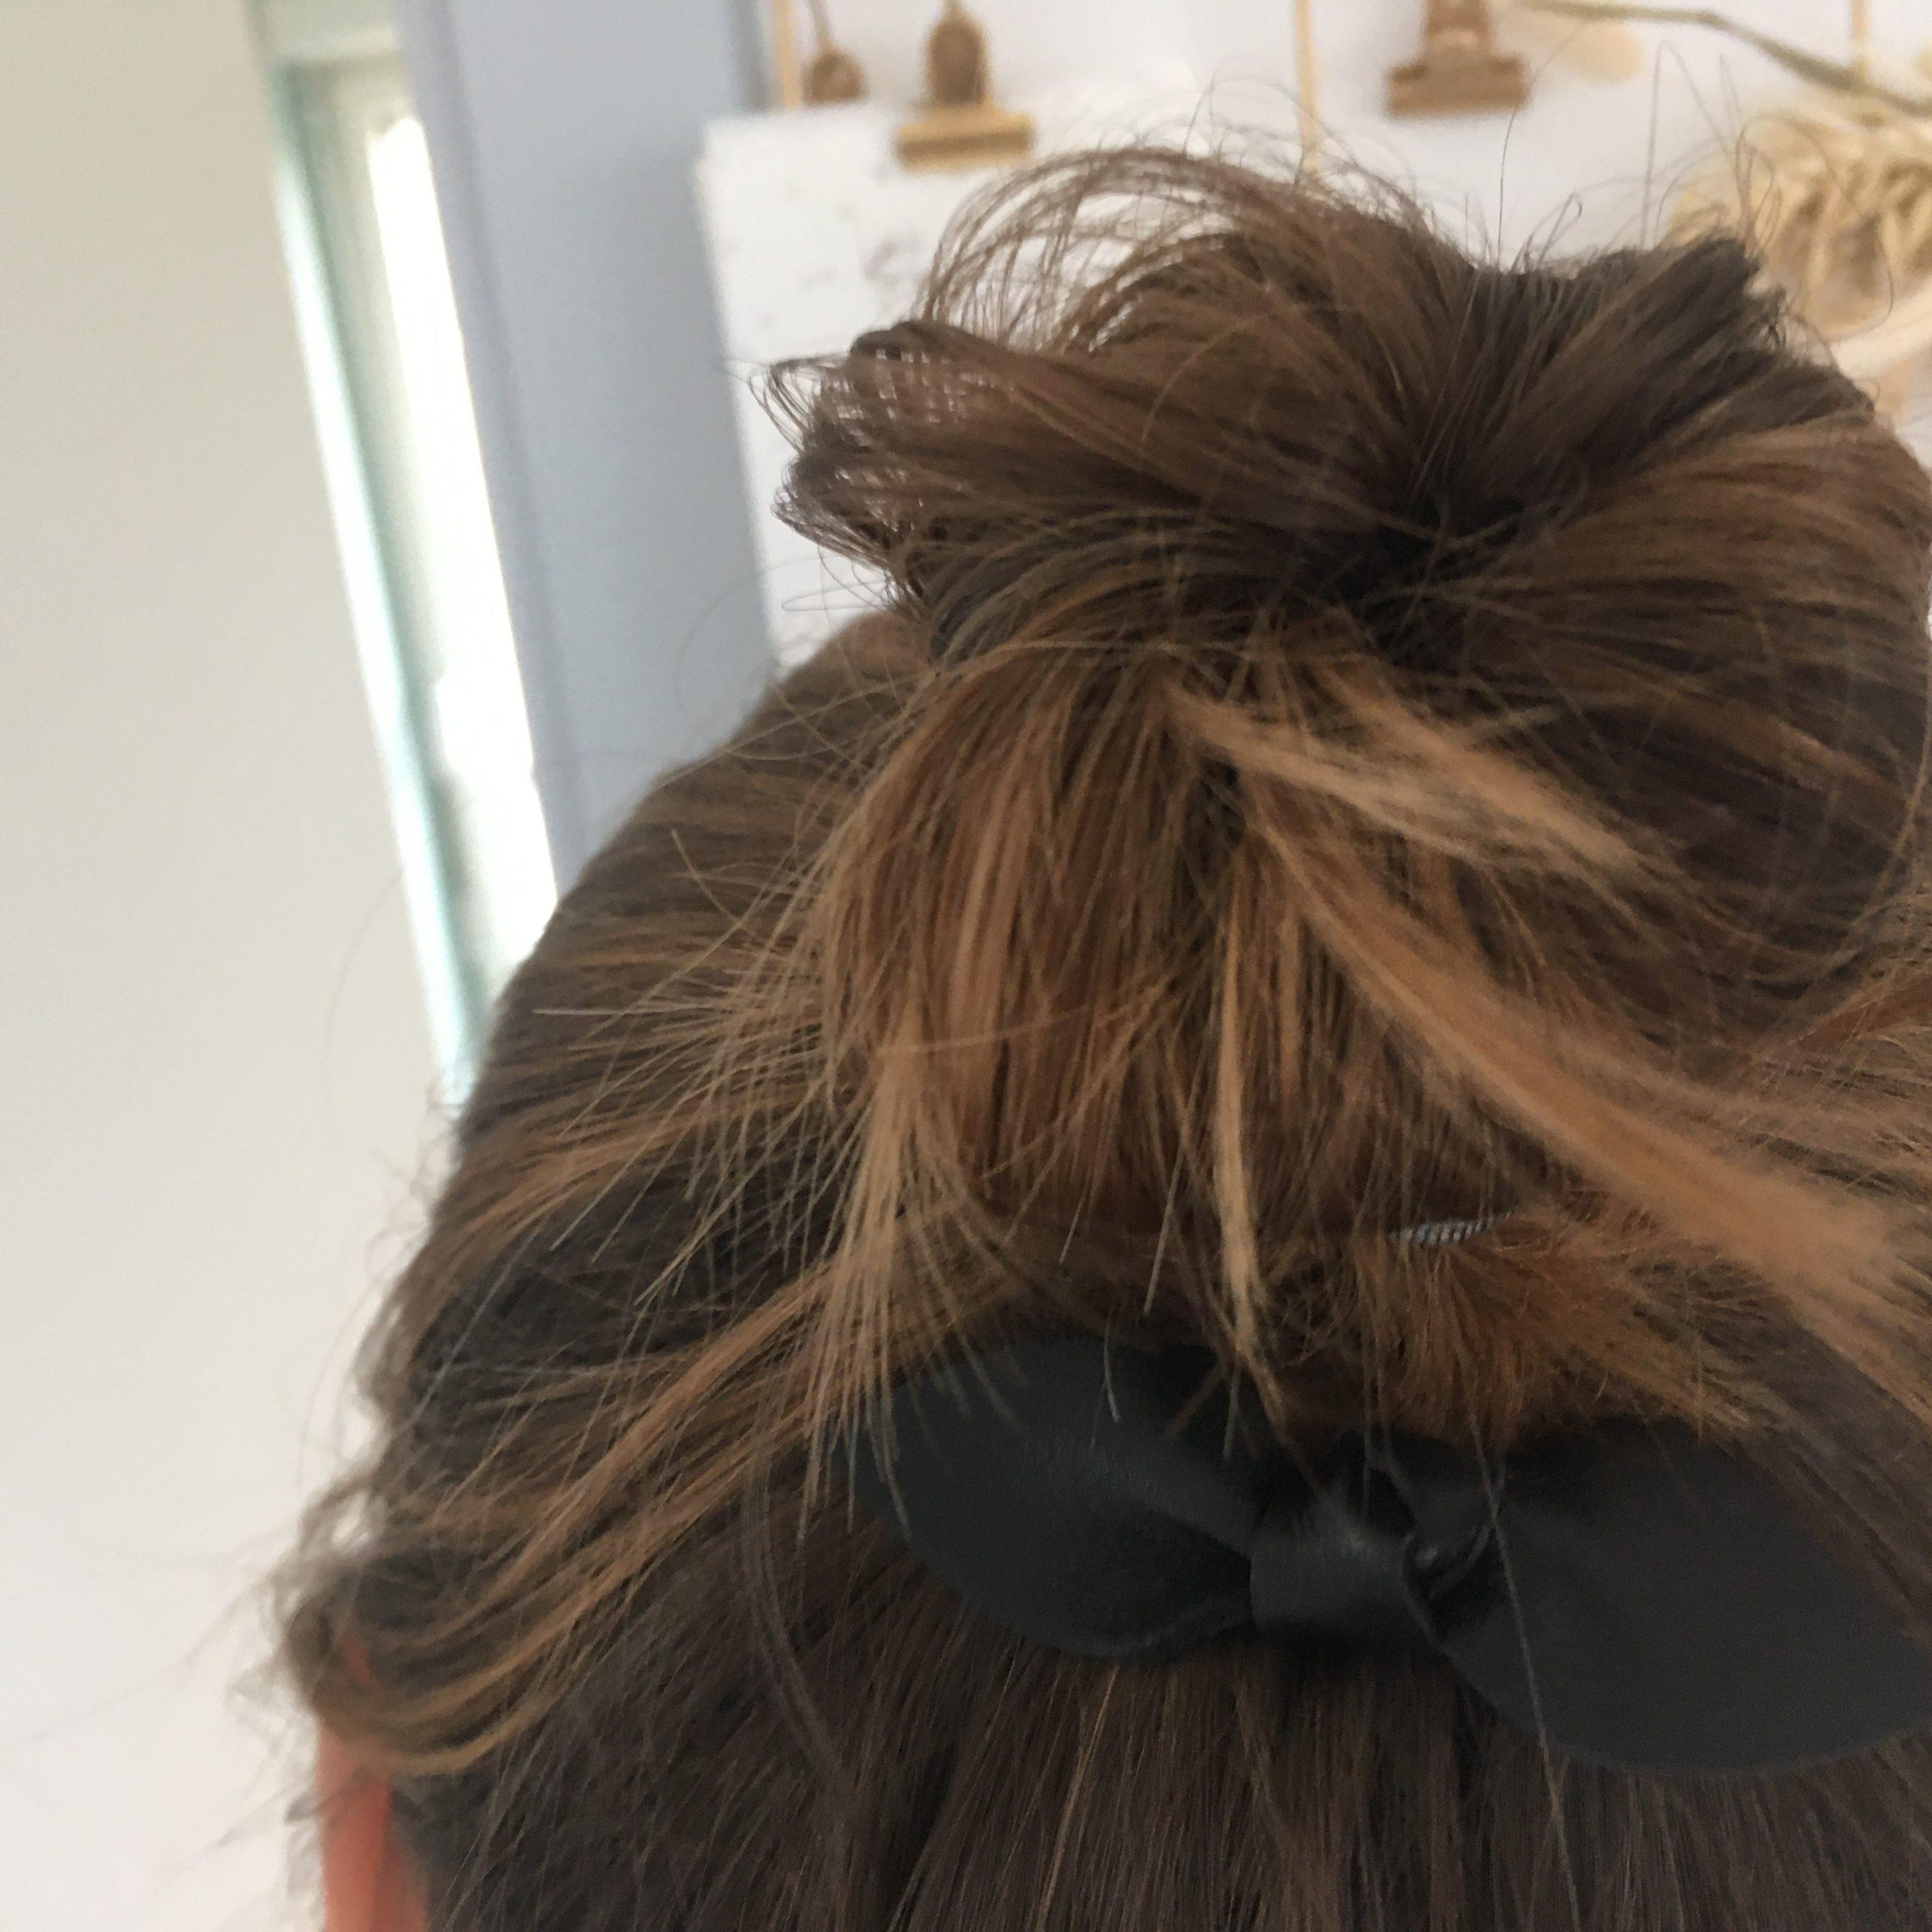 pinces à cheveux made in France - du vent dans mes valises